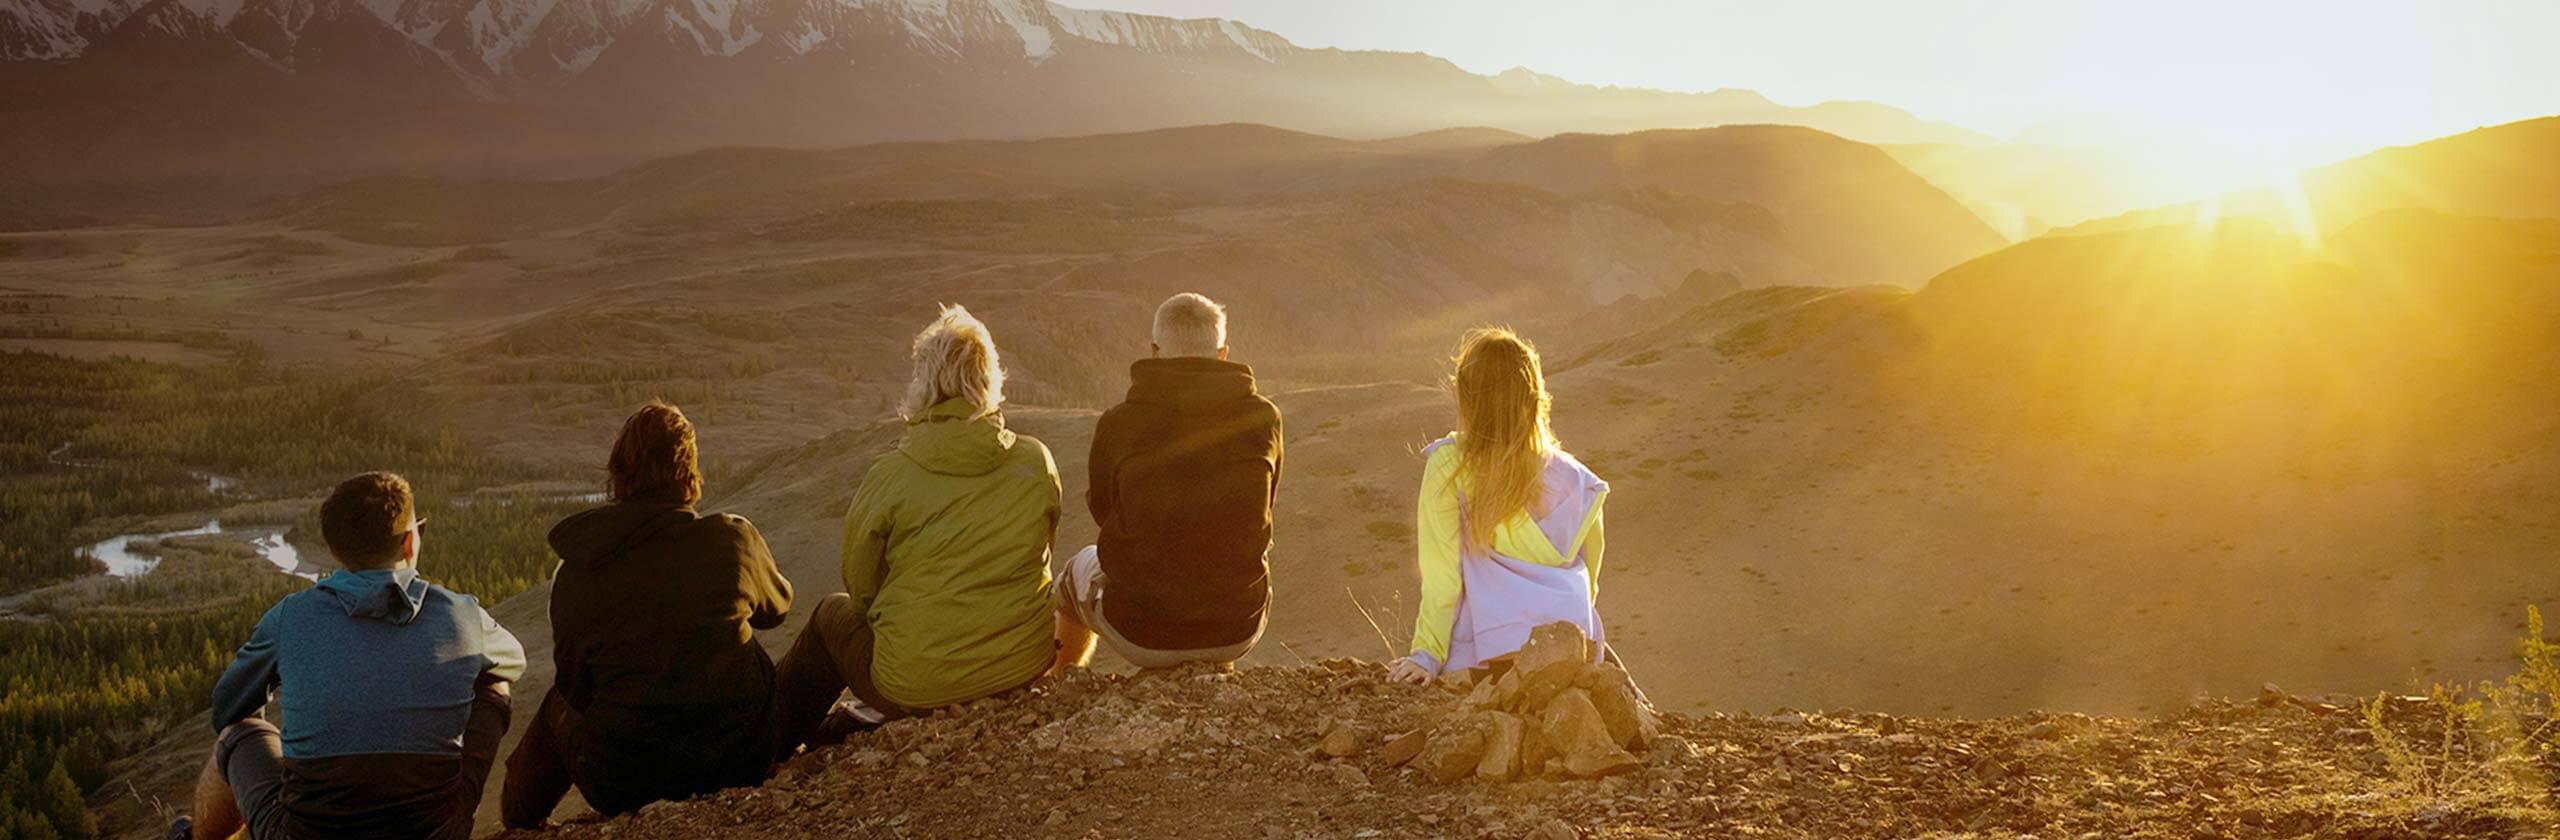 Imagen de una familia que admira un paisaje montañoso.